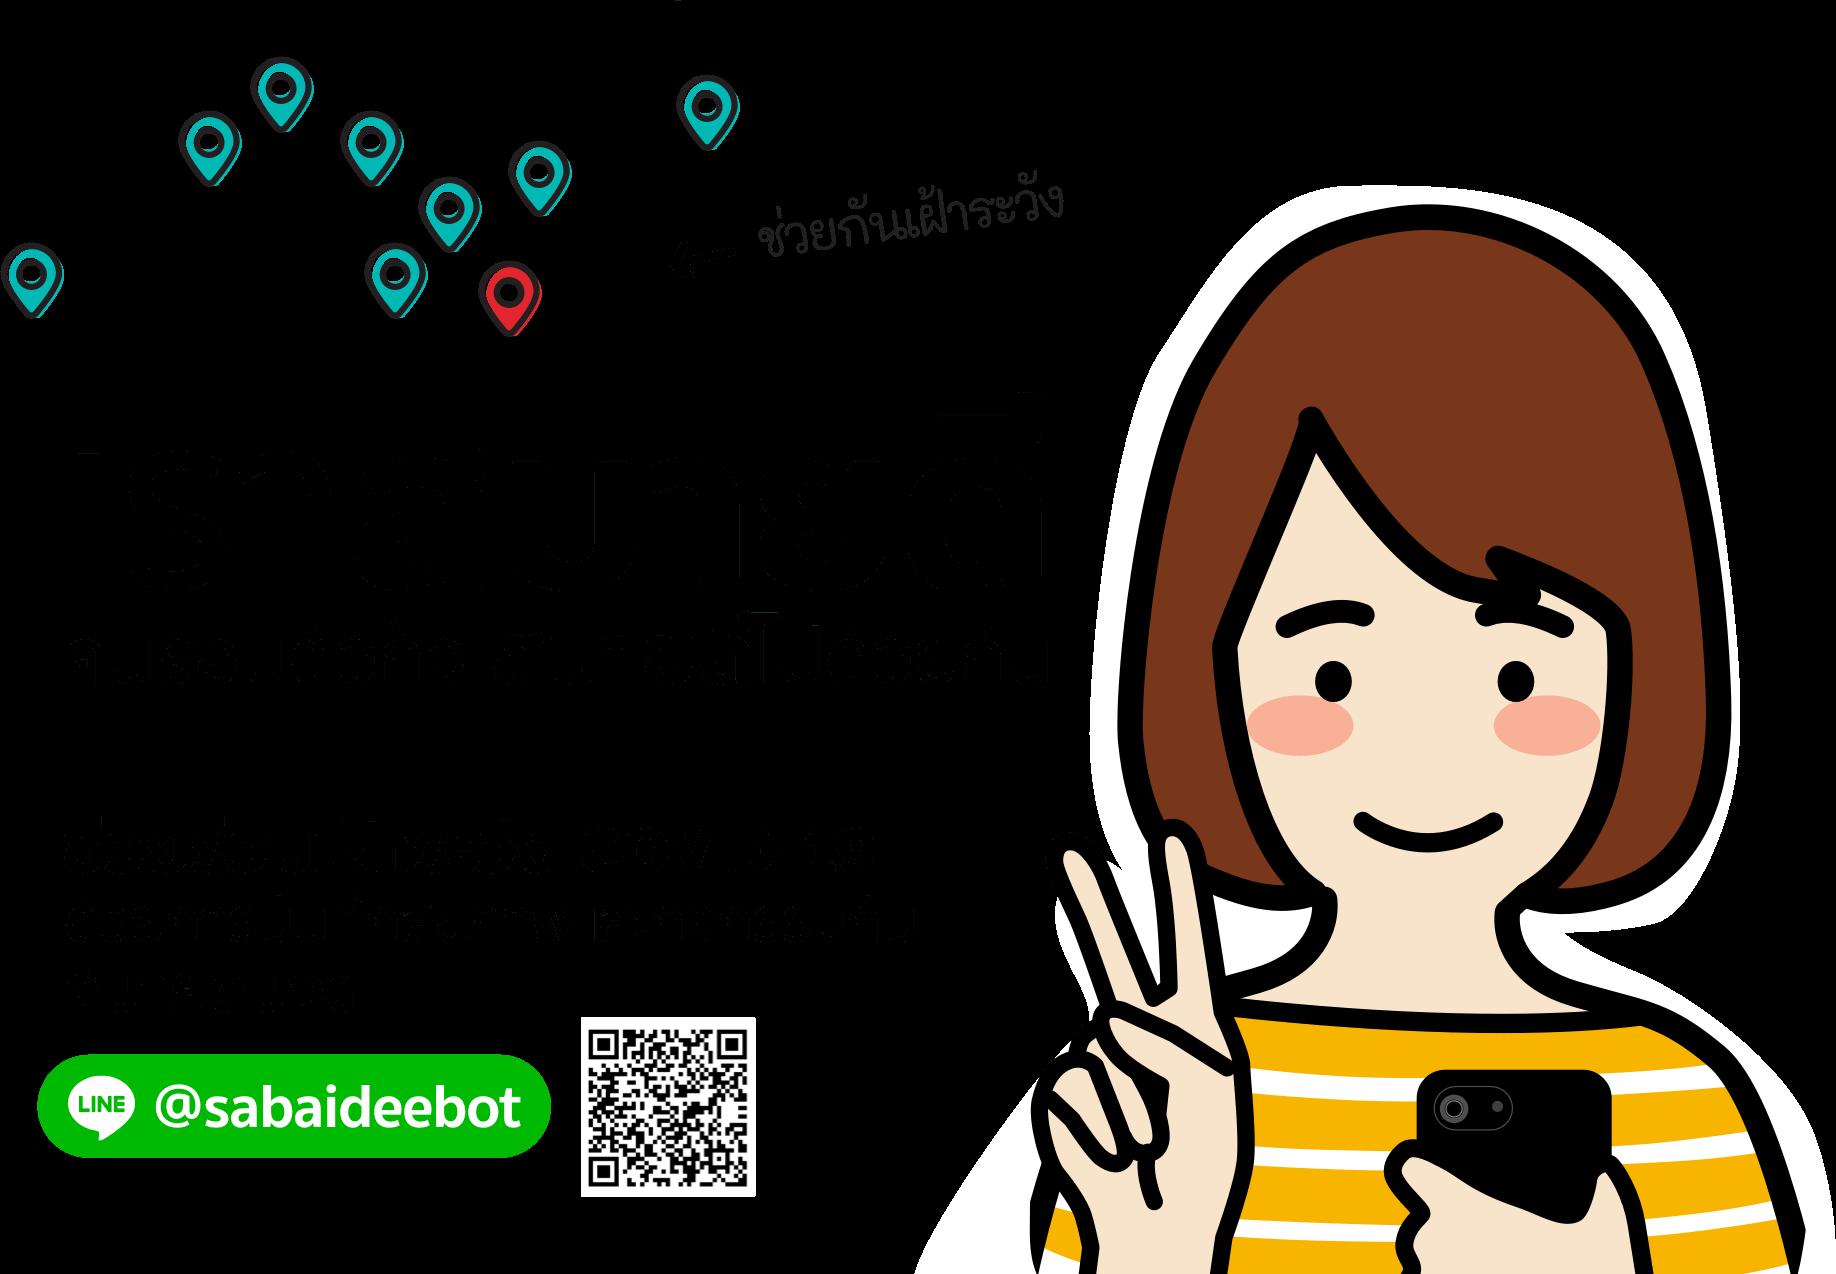 ภาพตัวอย่างเกม สามารถเล่นได้ทั้ง iOS และ Andriod